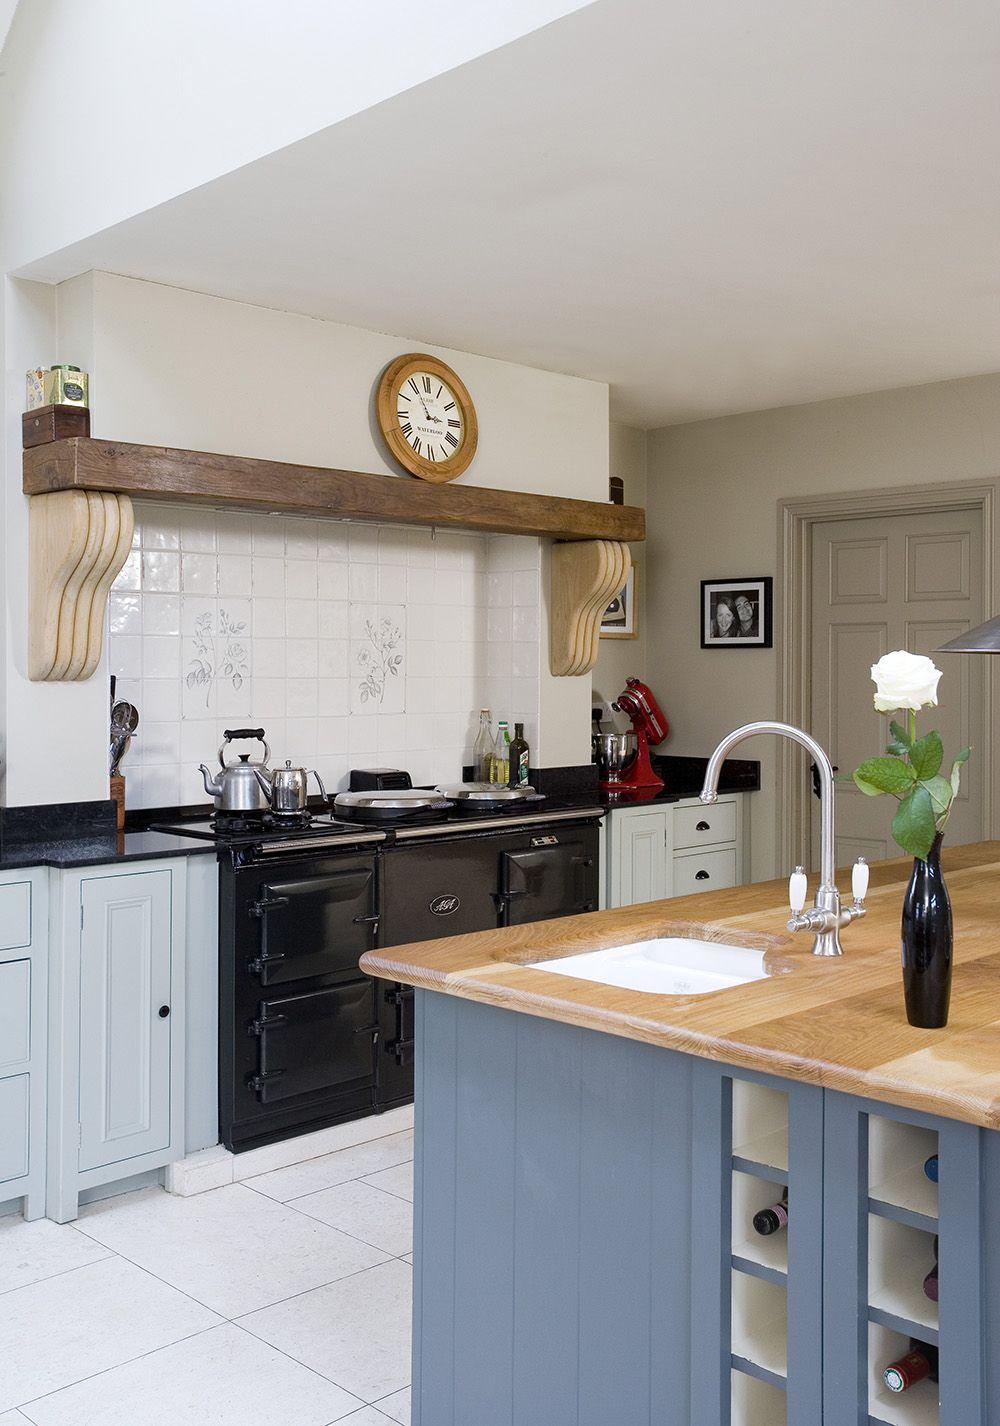 Pin by Rachel Downham on Kitchen dreaming | Kitchen ...